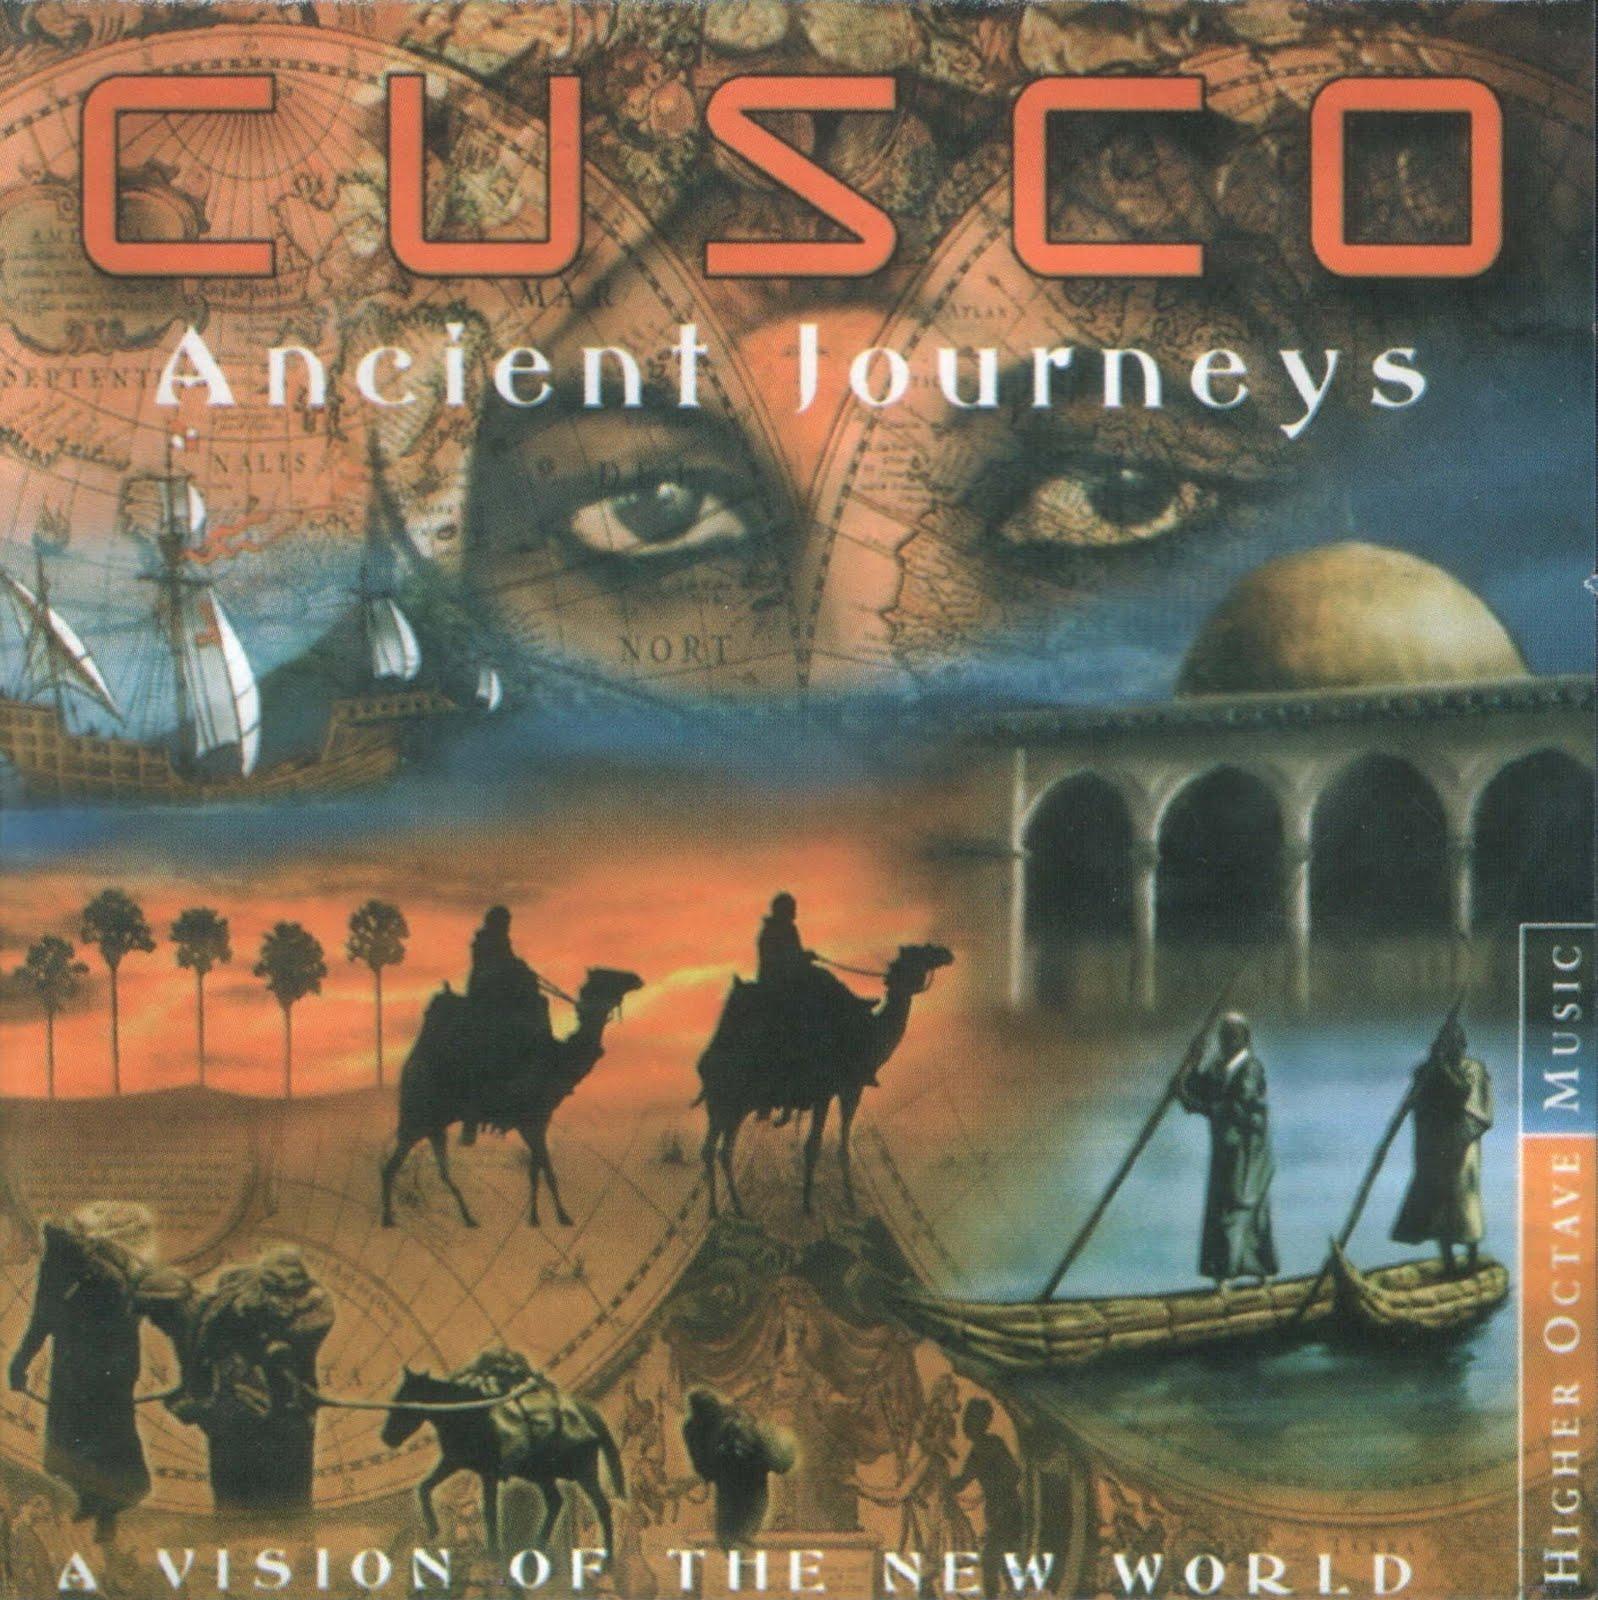 http://1.bp.blogspot.com/_r4diHjT_JrE/TE0Fnva3U_I/AAAAAAAABhA/yL8cxT0SC5w/s1600/Cusco+-+Ancient+Journeys+-+Front.jpg